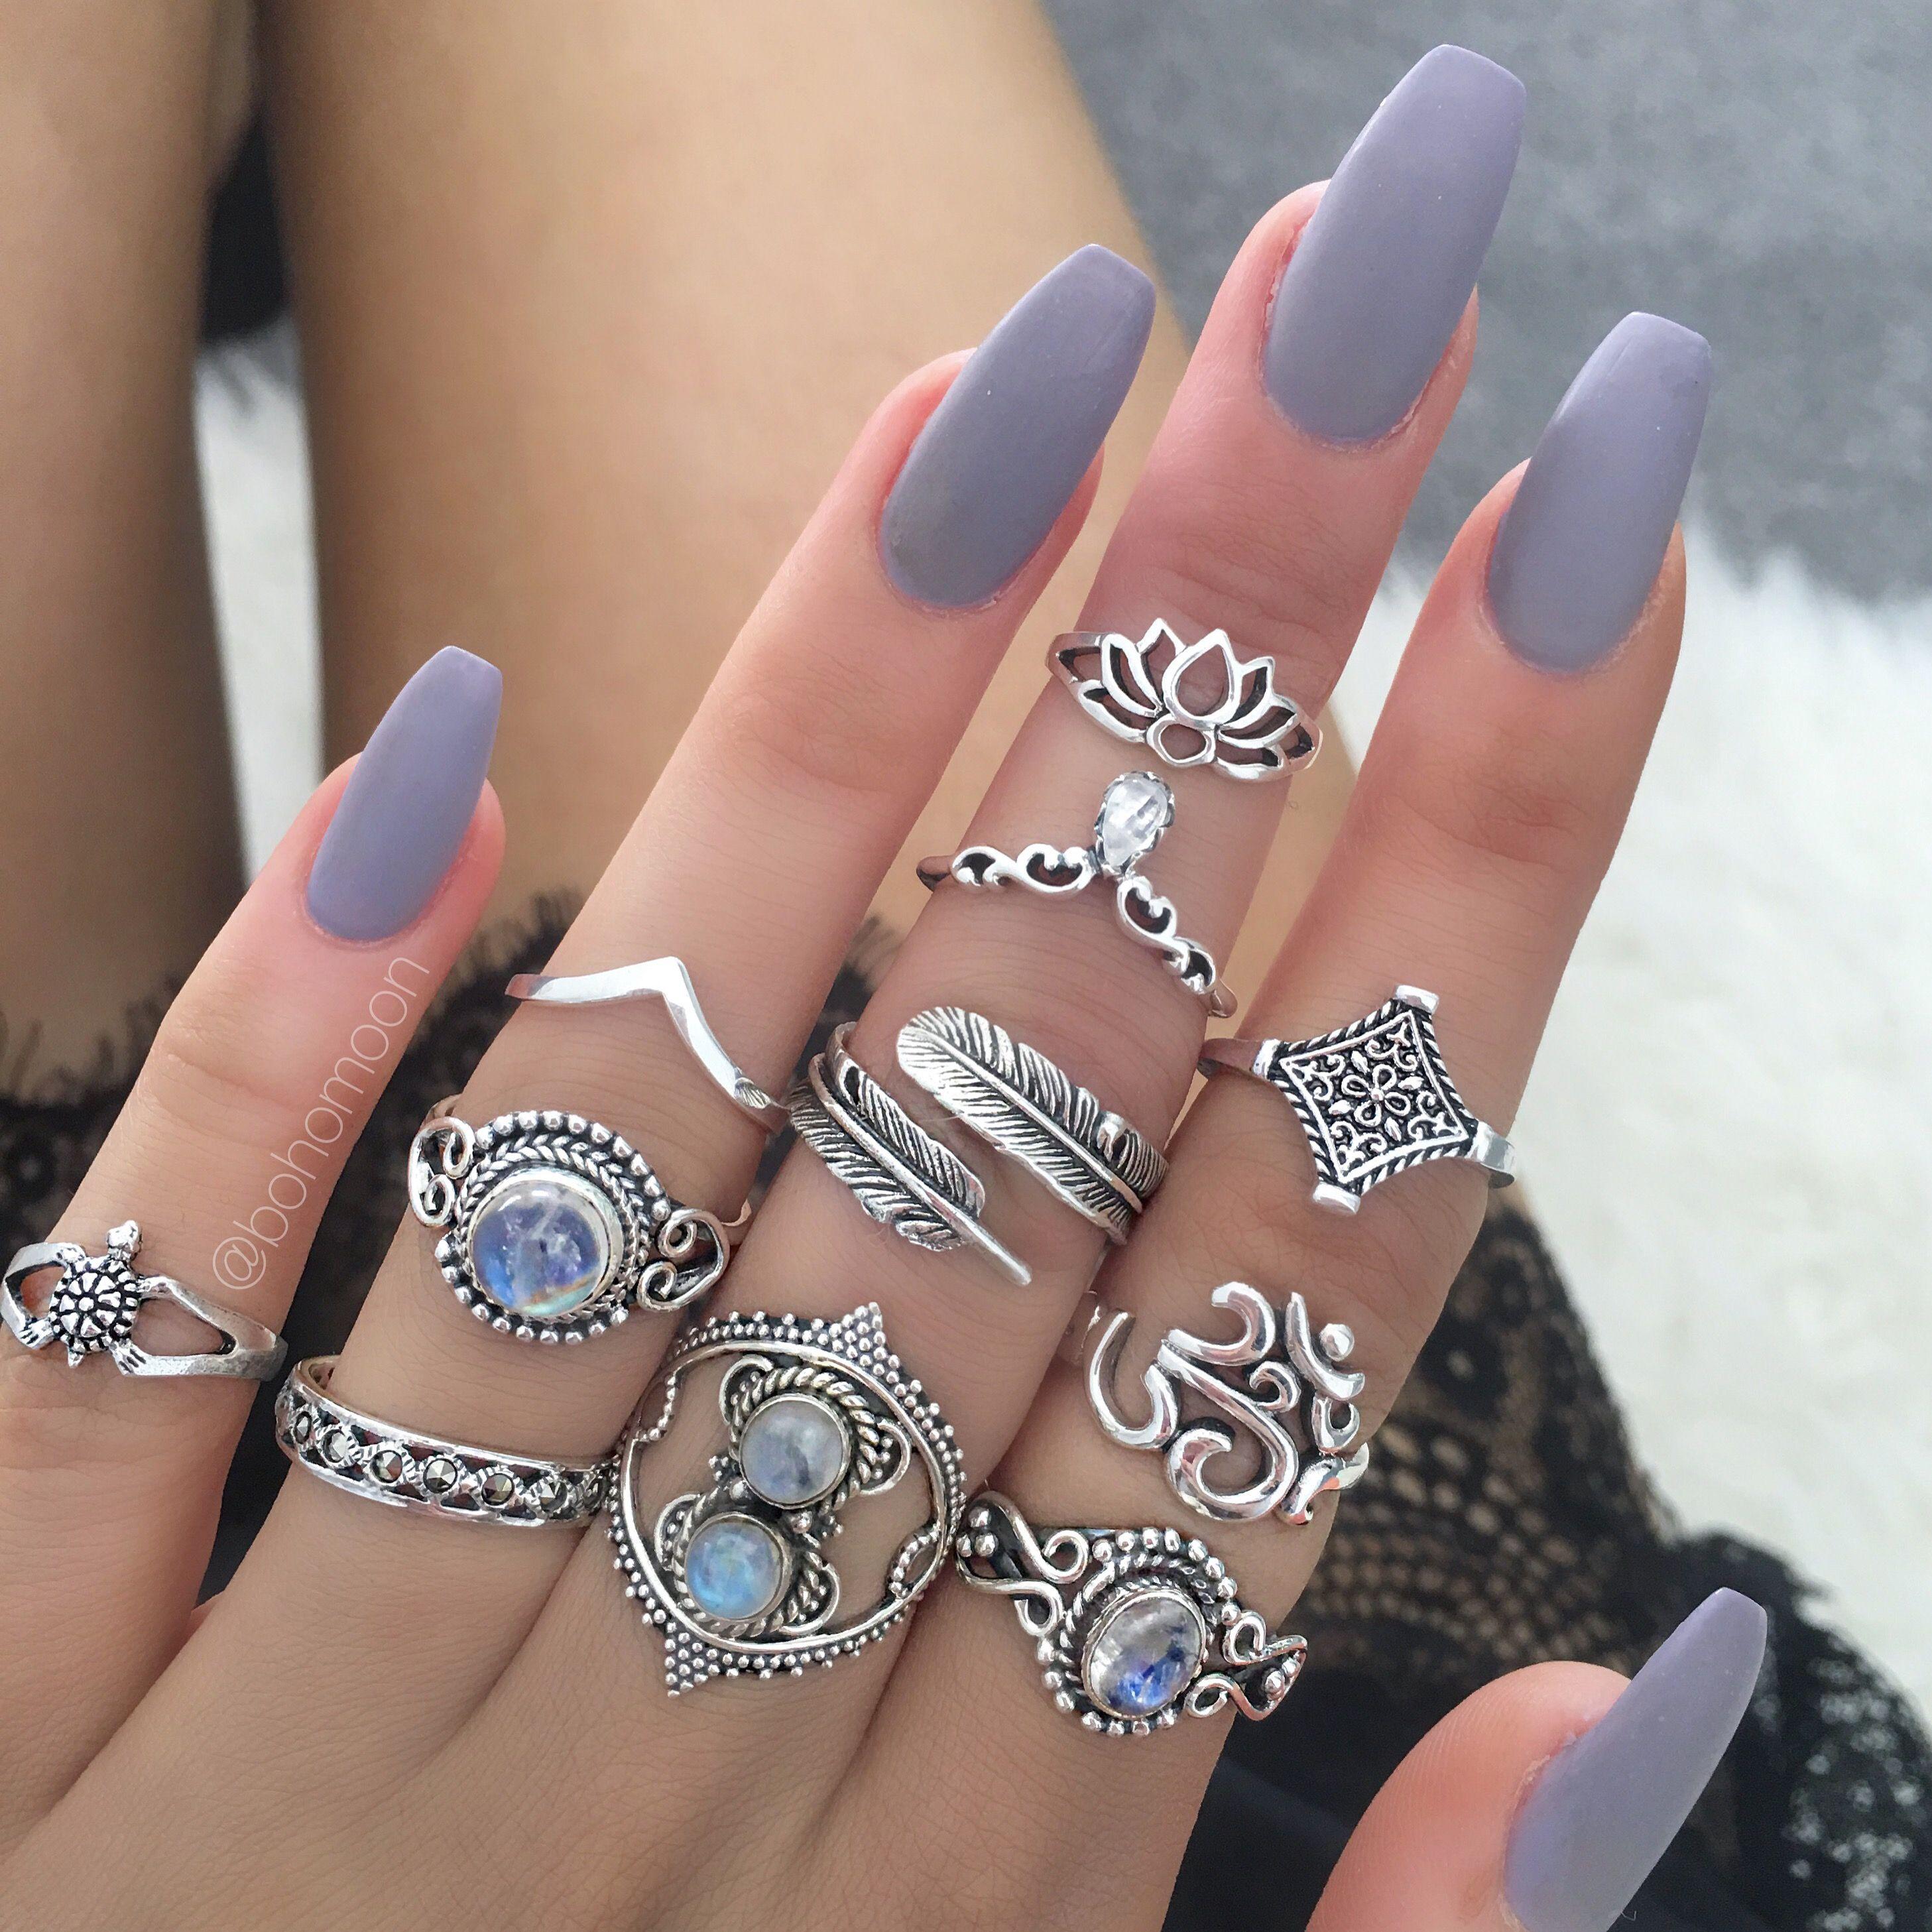 PrettyRedRose11 | Nail Jewels | Pinterest | Ring, Jewel and Jewlery